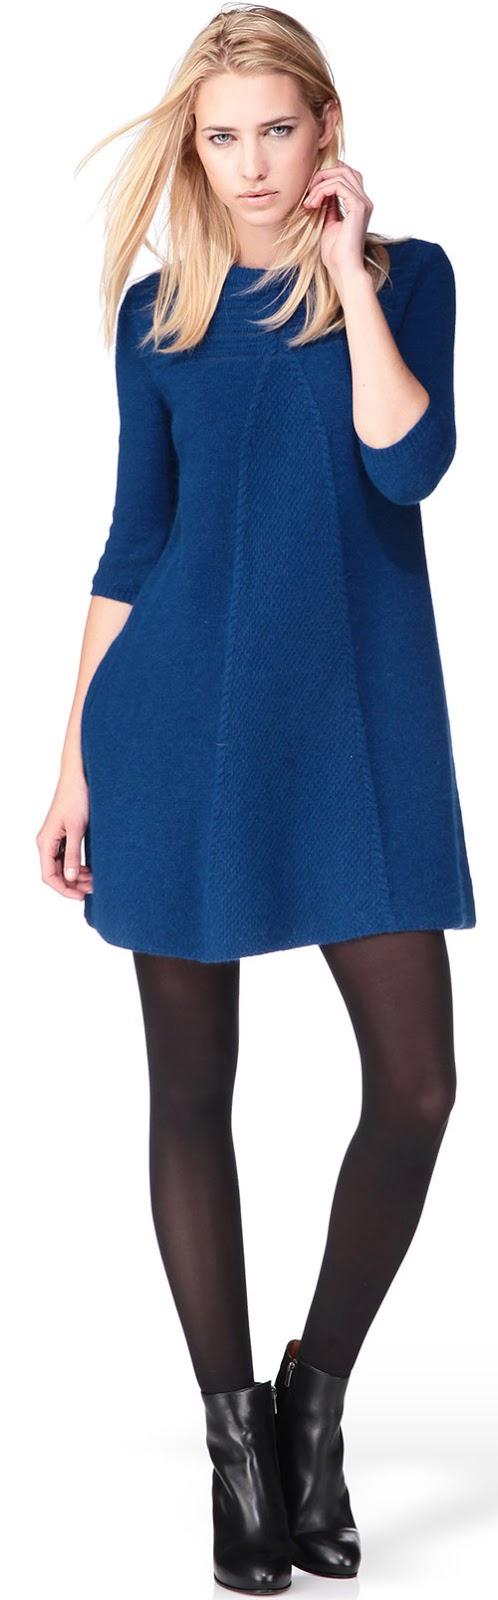 Robe courte pull bleue Ba&sh